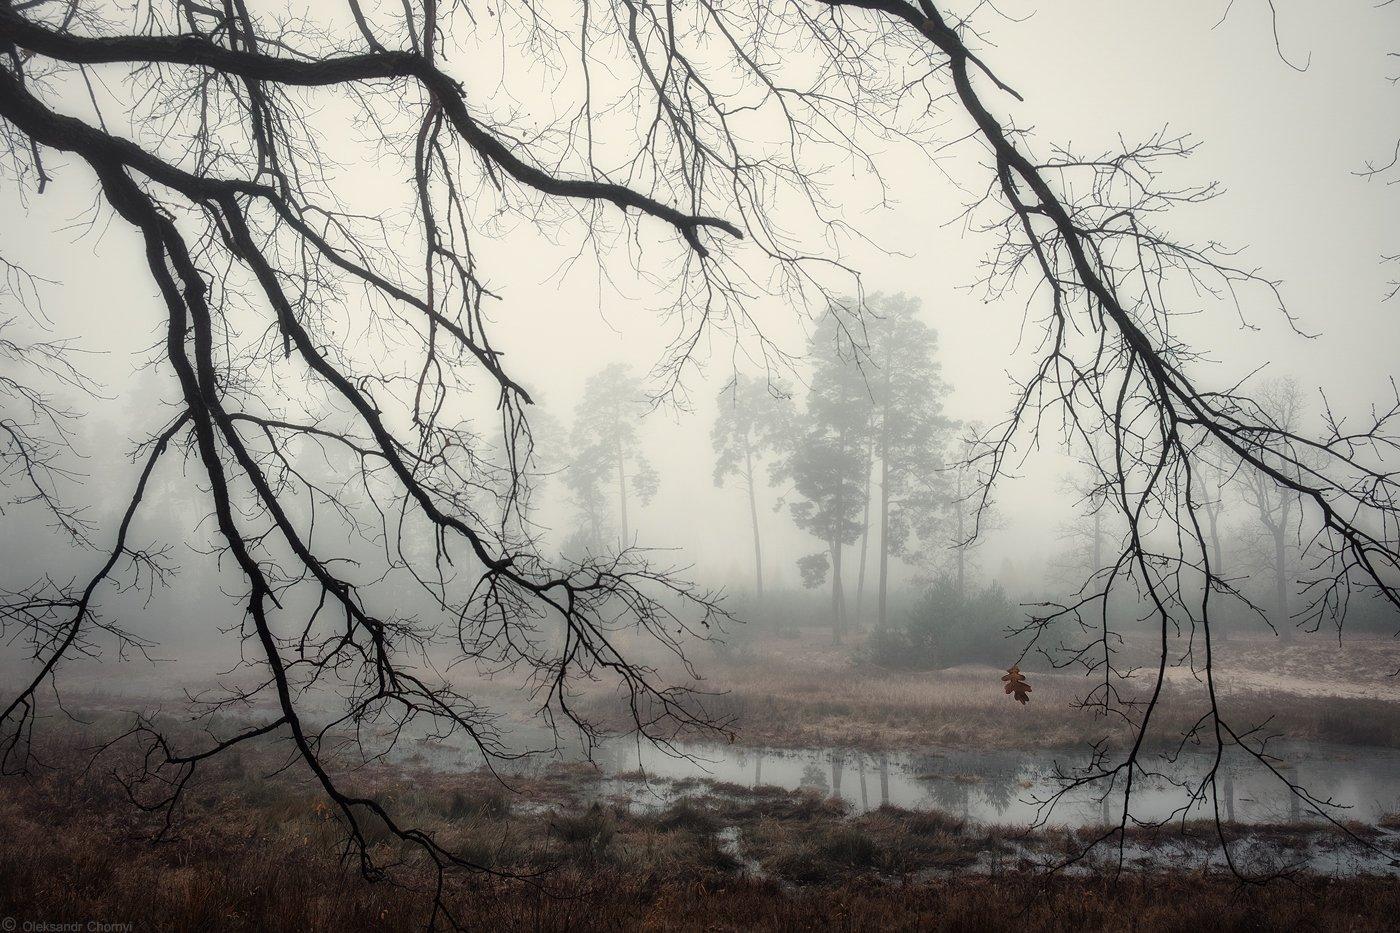 украина, коростышев, киричанка, природа, лес, полесье, озеро, осень, октябрь, мысли, чувства, туман, тишина, ветви, передний, план, уединение, счастье, жизнь, воздух, чистый, вдохновение, облака, отражение, трава, березки, деревья, просторы, фотограф, чор, Александр Чорный